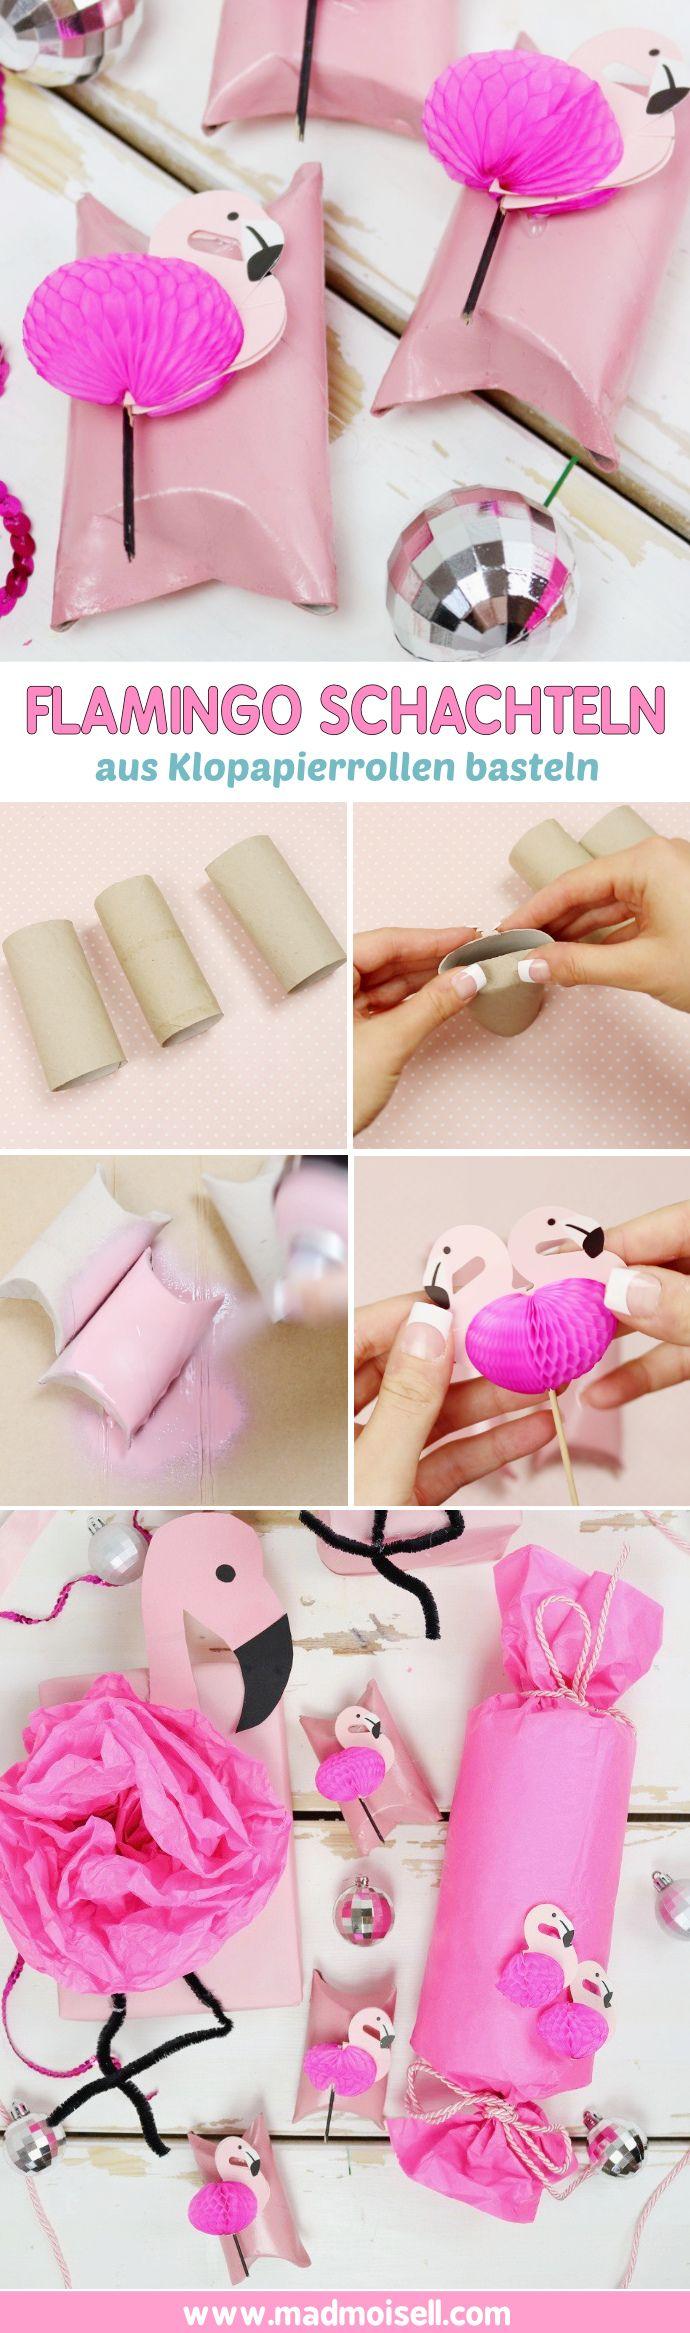 Flamingos sind momentan total angesagt und machen sich super als DIY Deko für Geschenke. Klicke hier für die schönsten Flamingo Geschenkverpackungen!